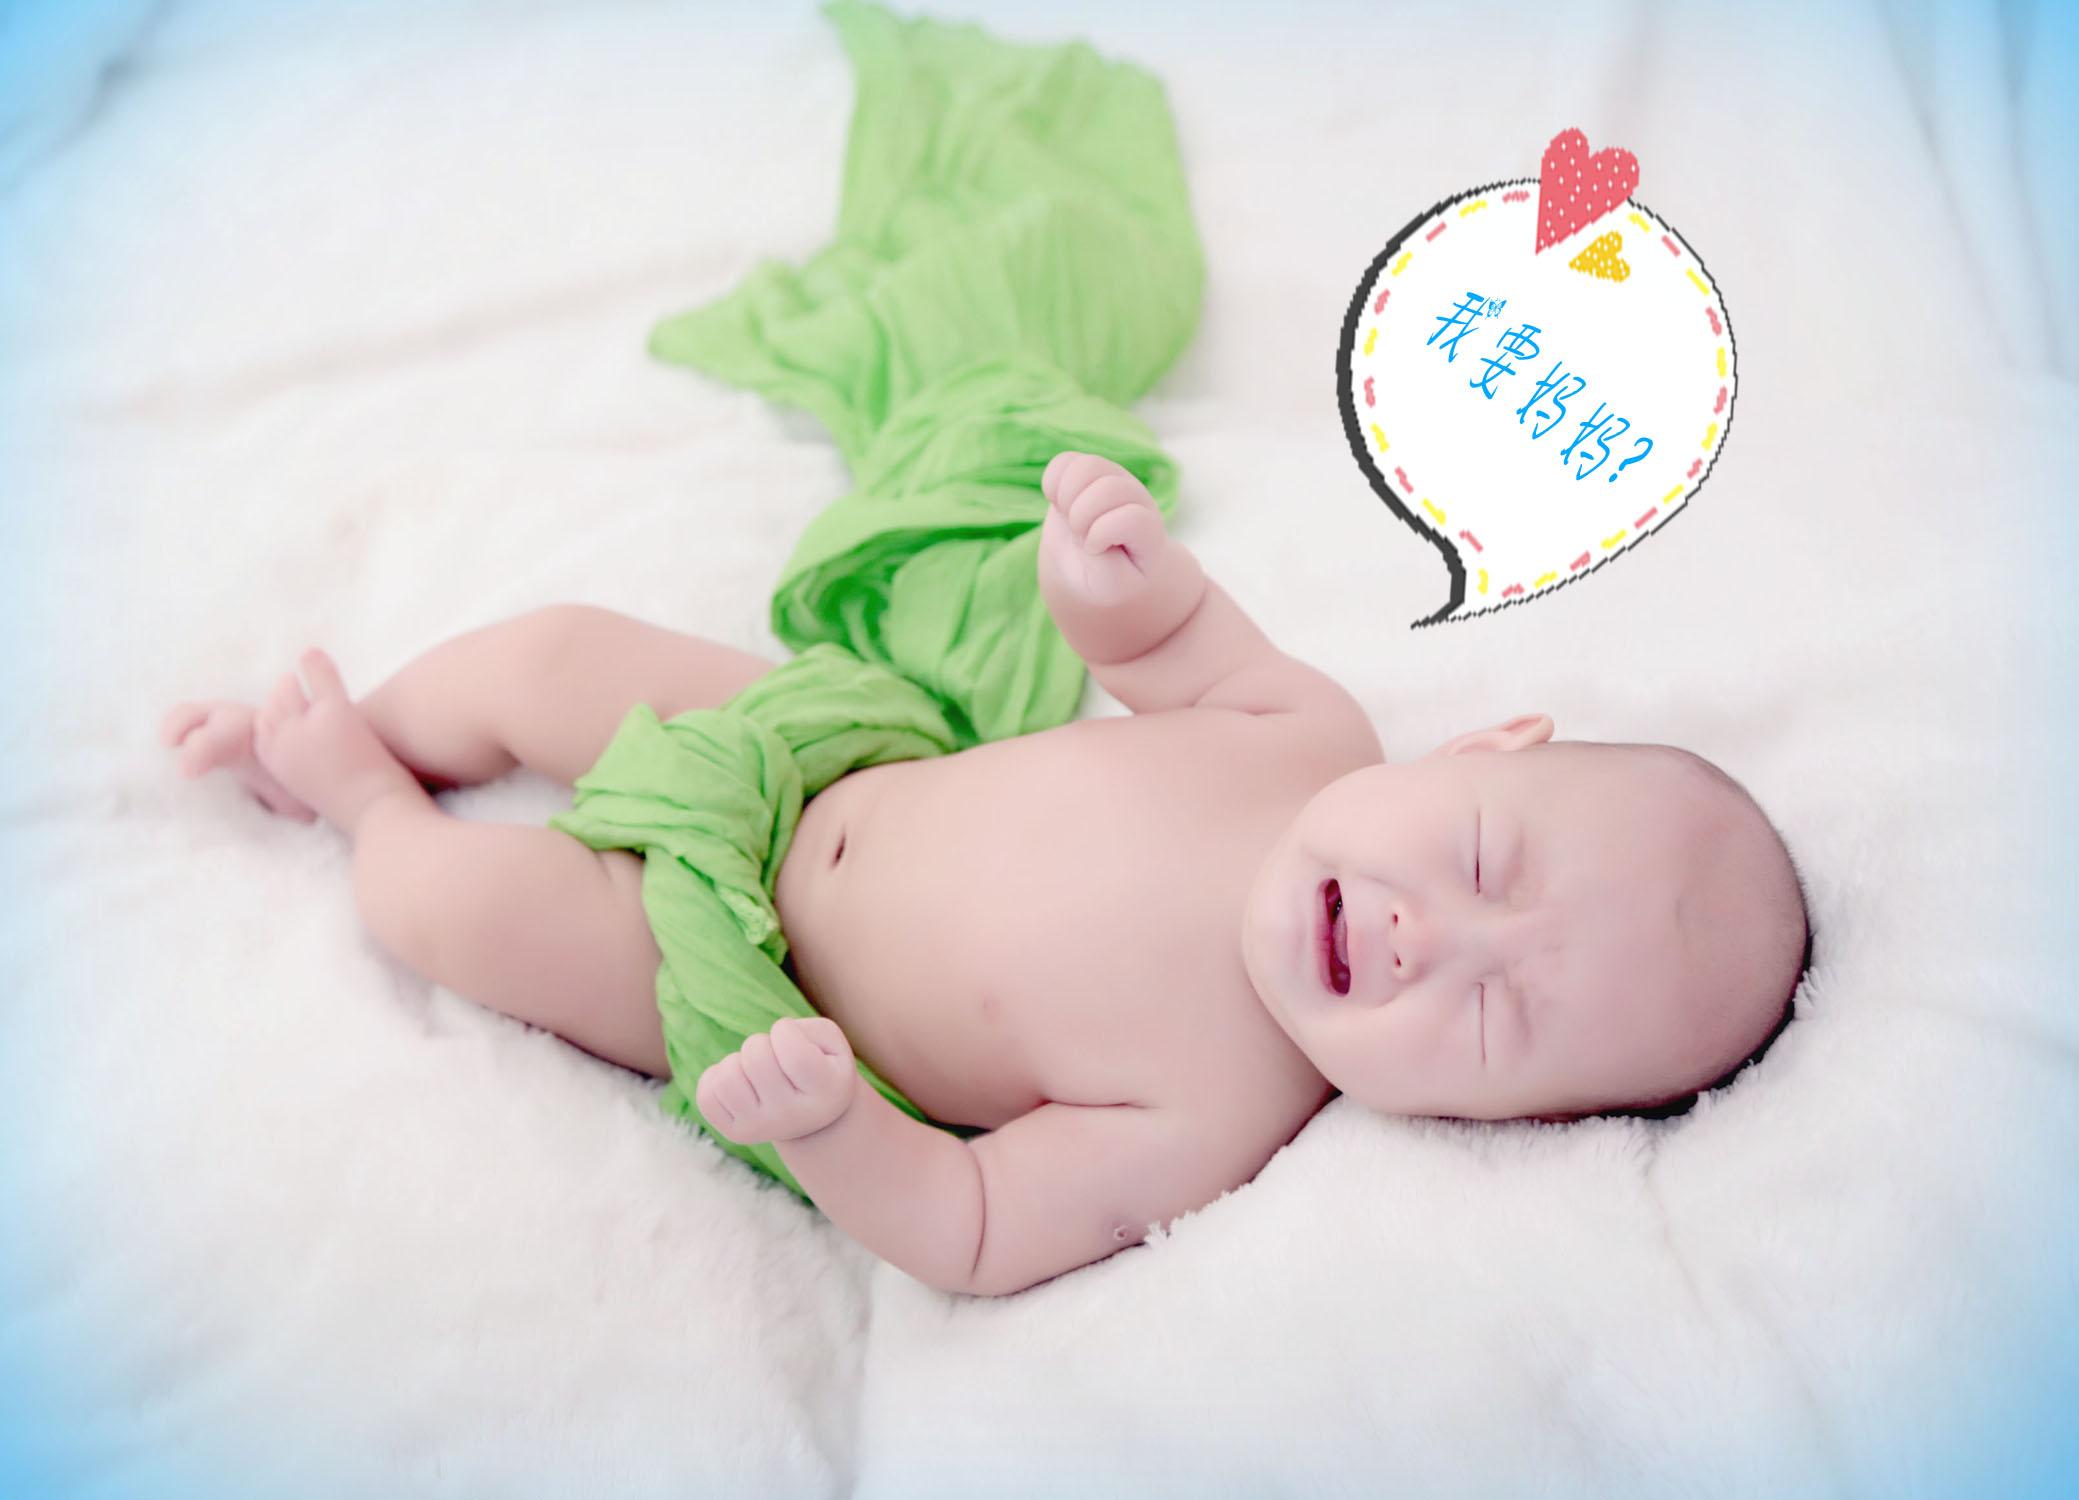 可爱的宝宝_儿童摄影作品